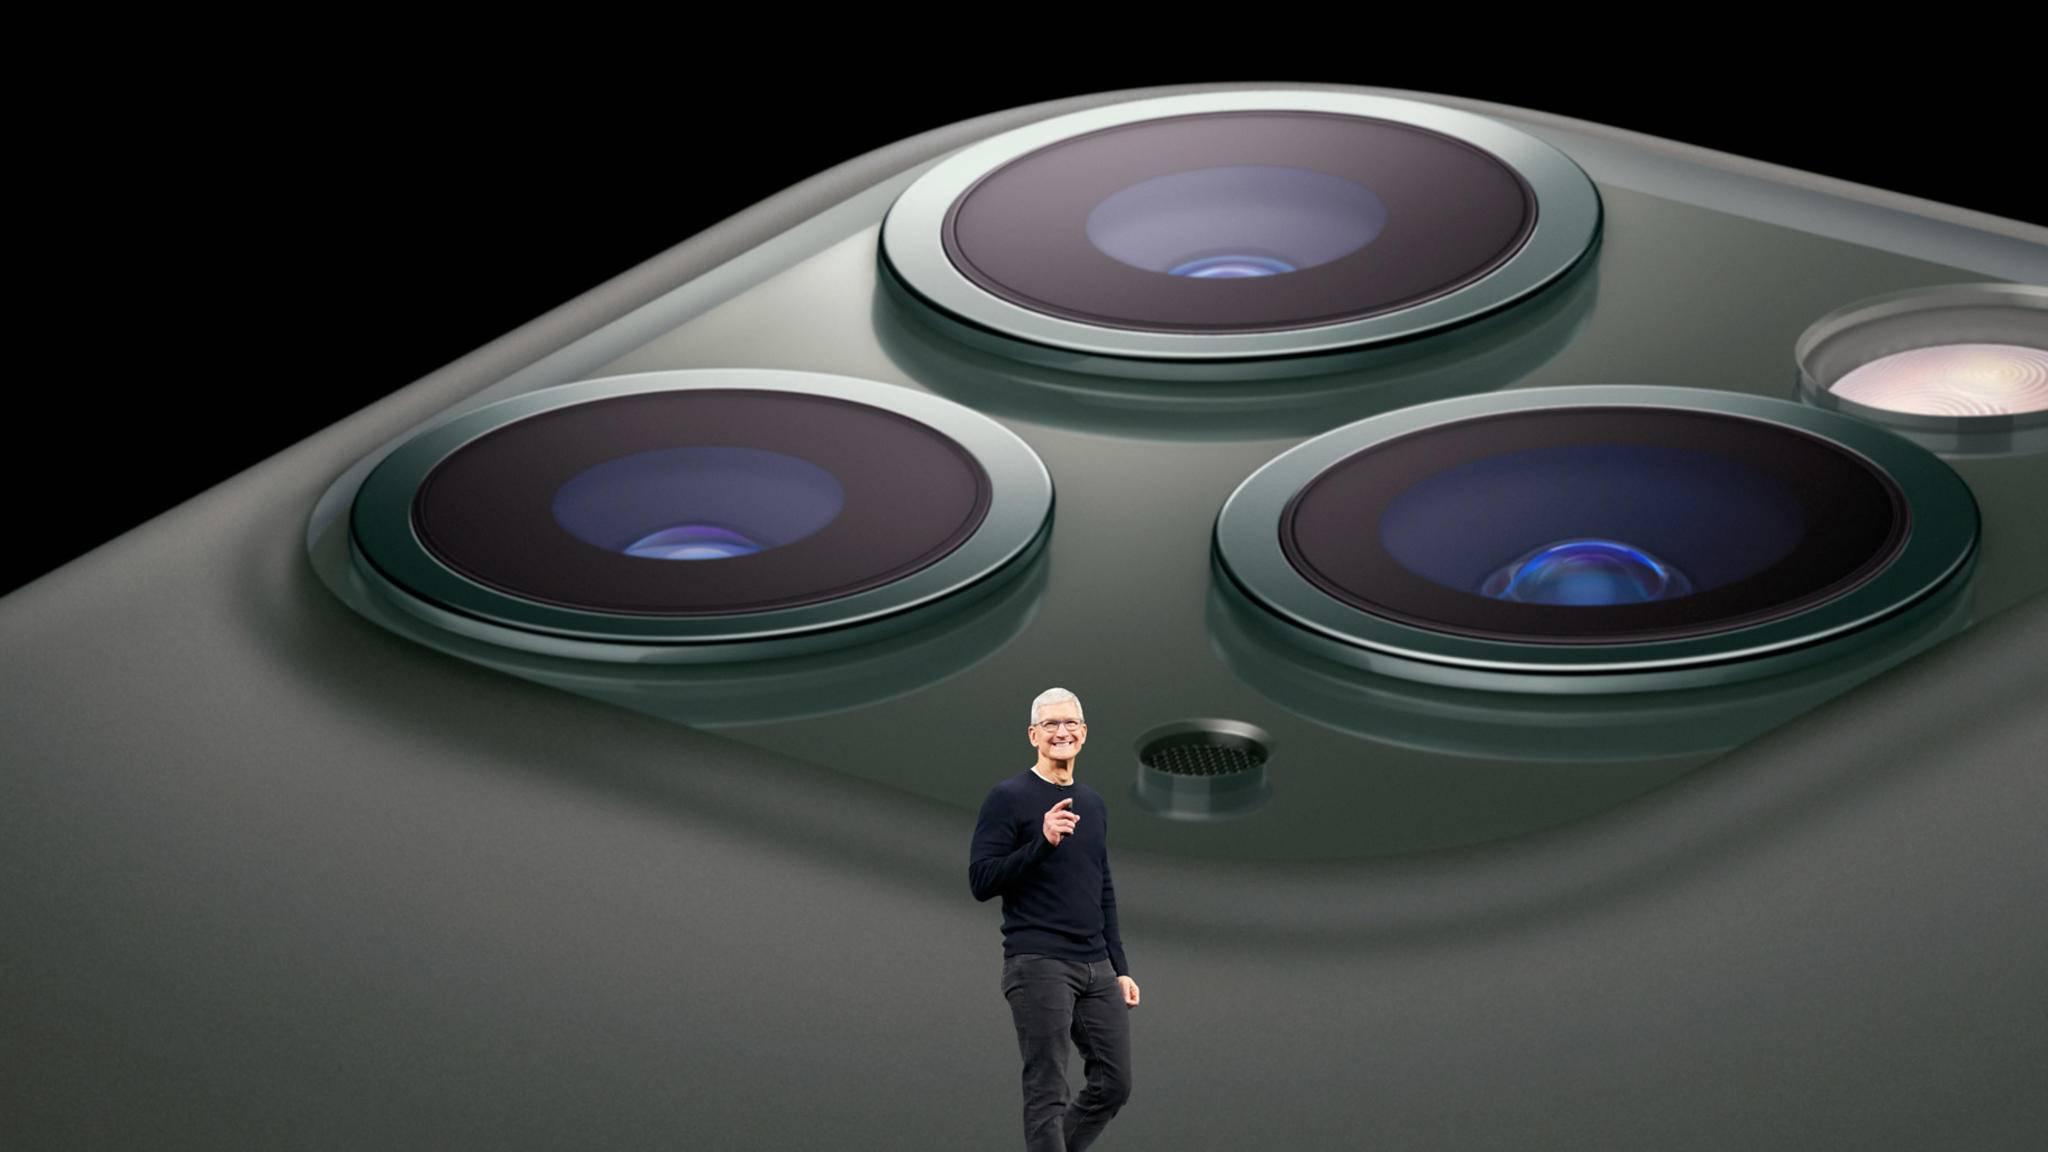 Das Highlight der Keynote: Tim Cook stellt das iPhone 11 Pro vor.